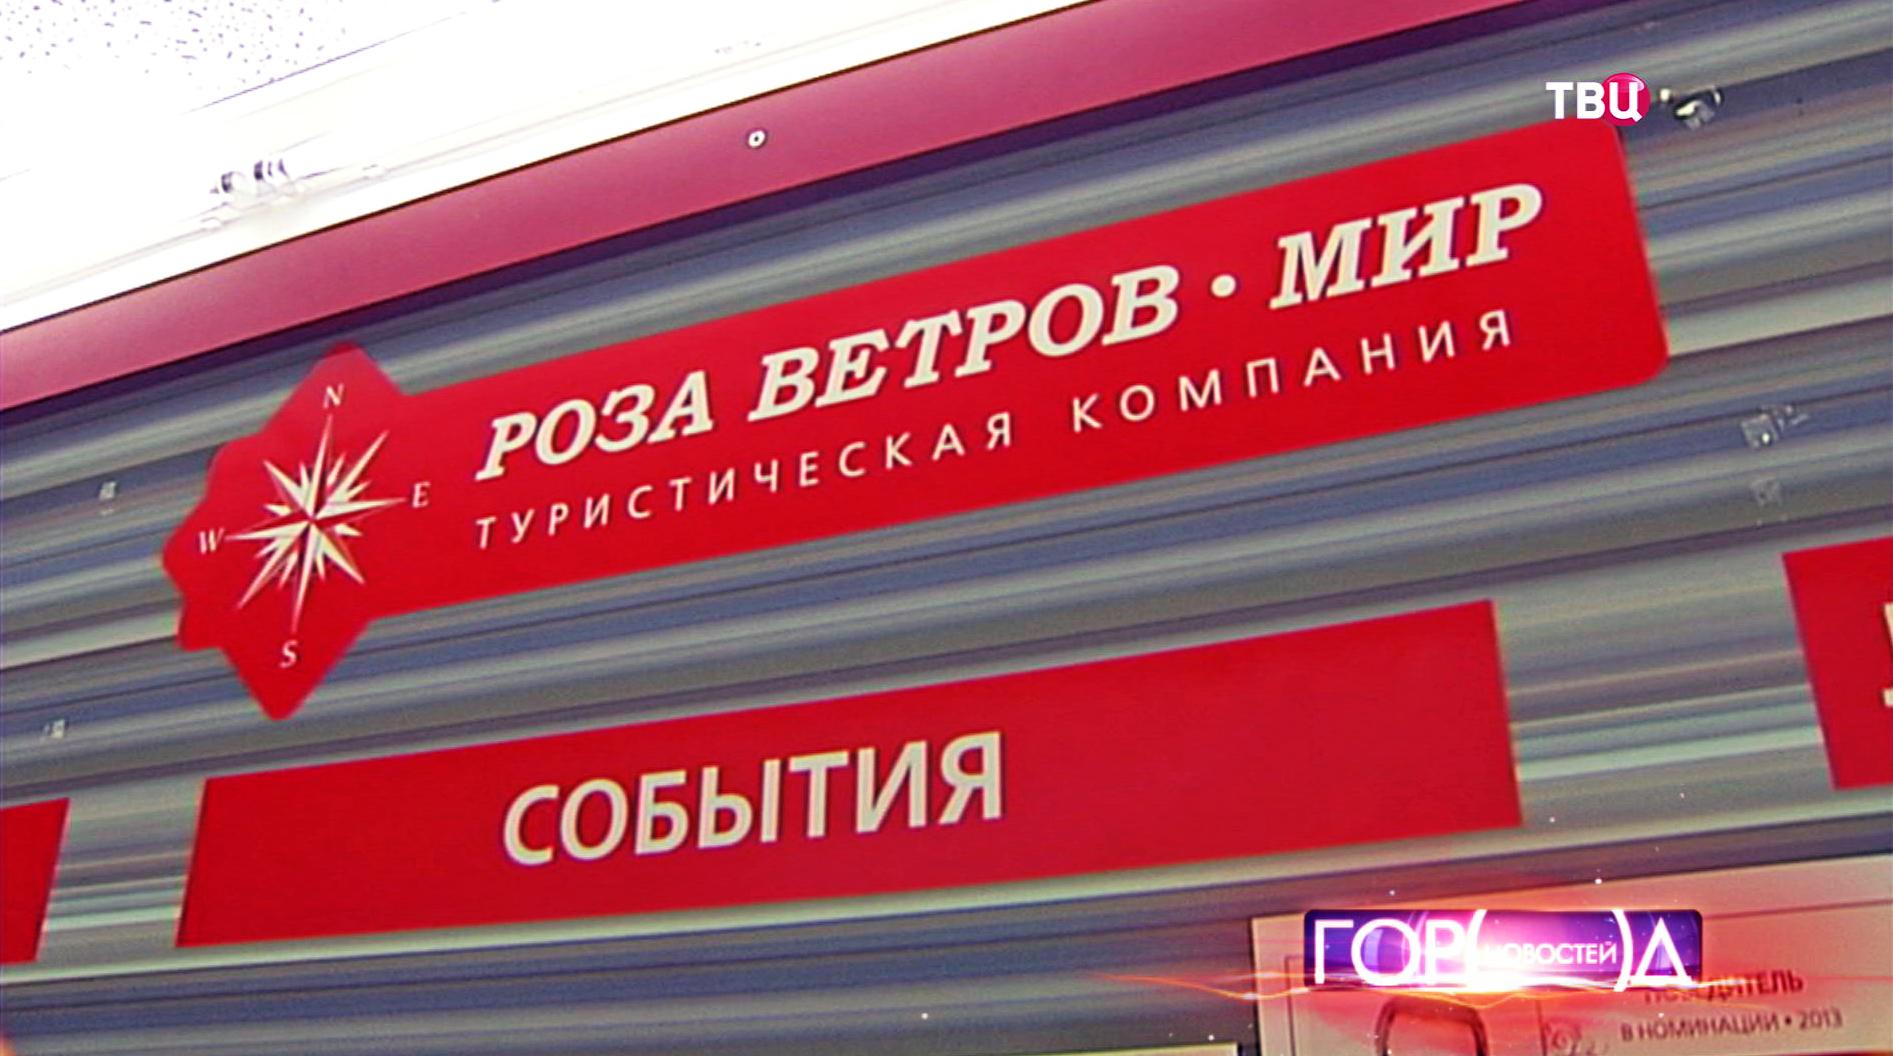 """Туристическая фирма """"Роза ветров Мир"""""""